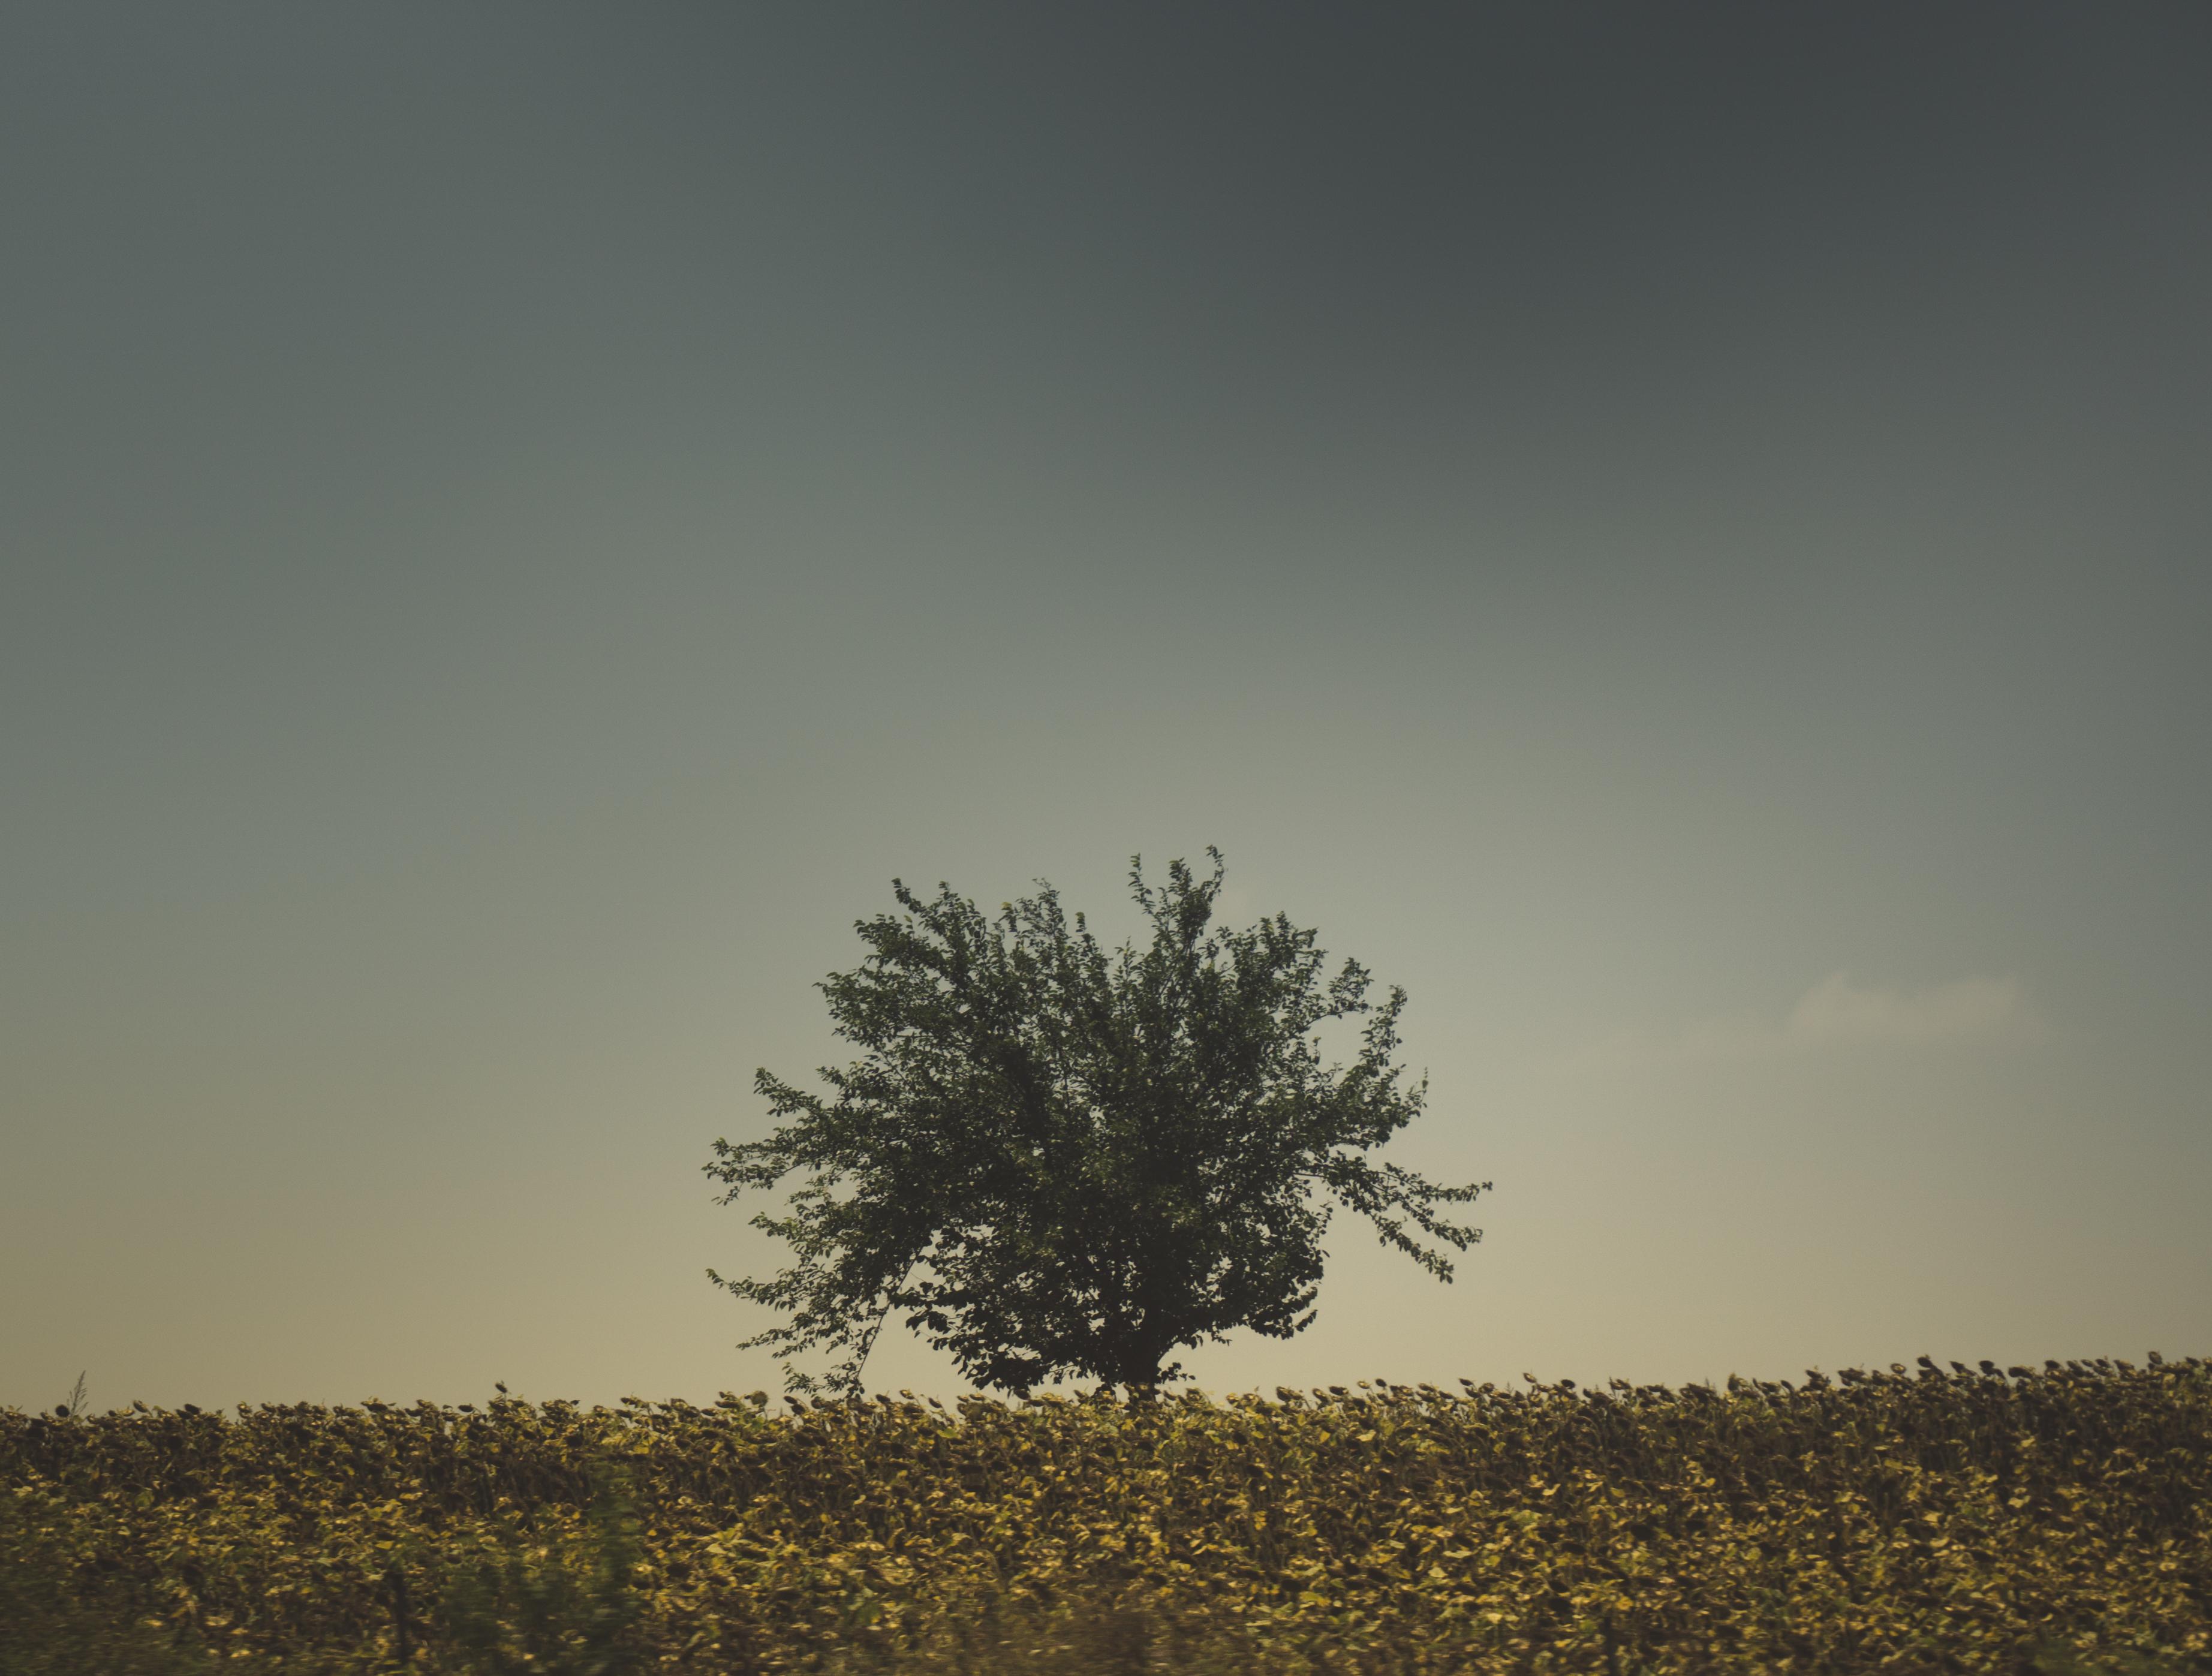 74507 скачать обои Природа, Дерево, Трава, Небо - заставки и картинки бесплатно